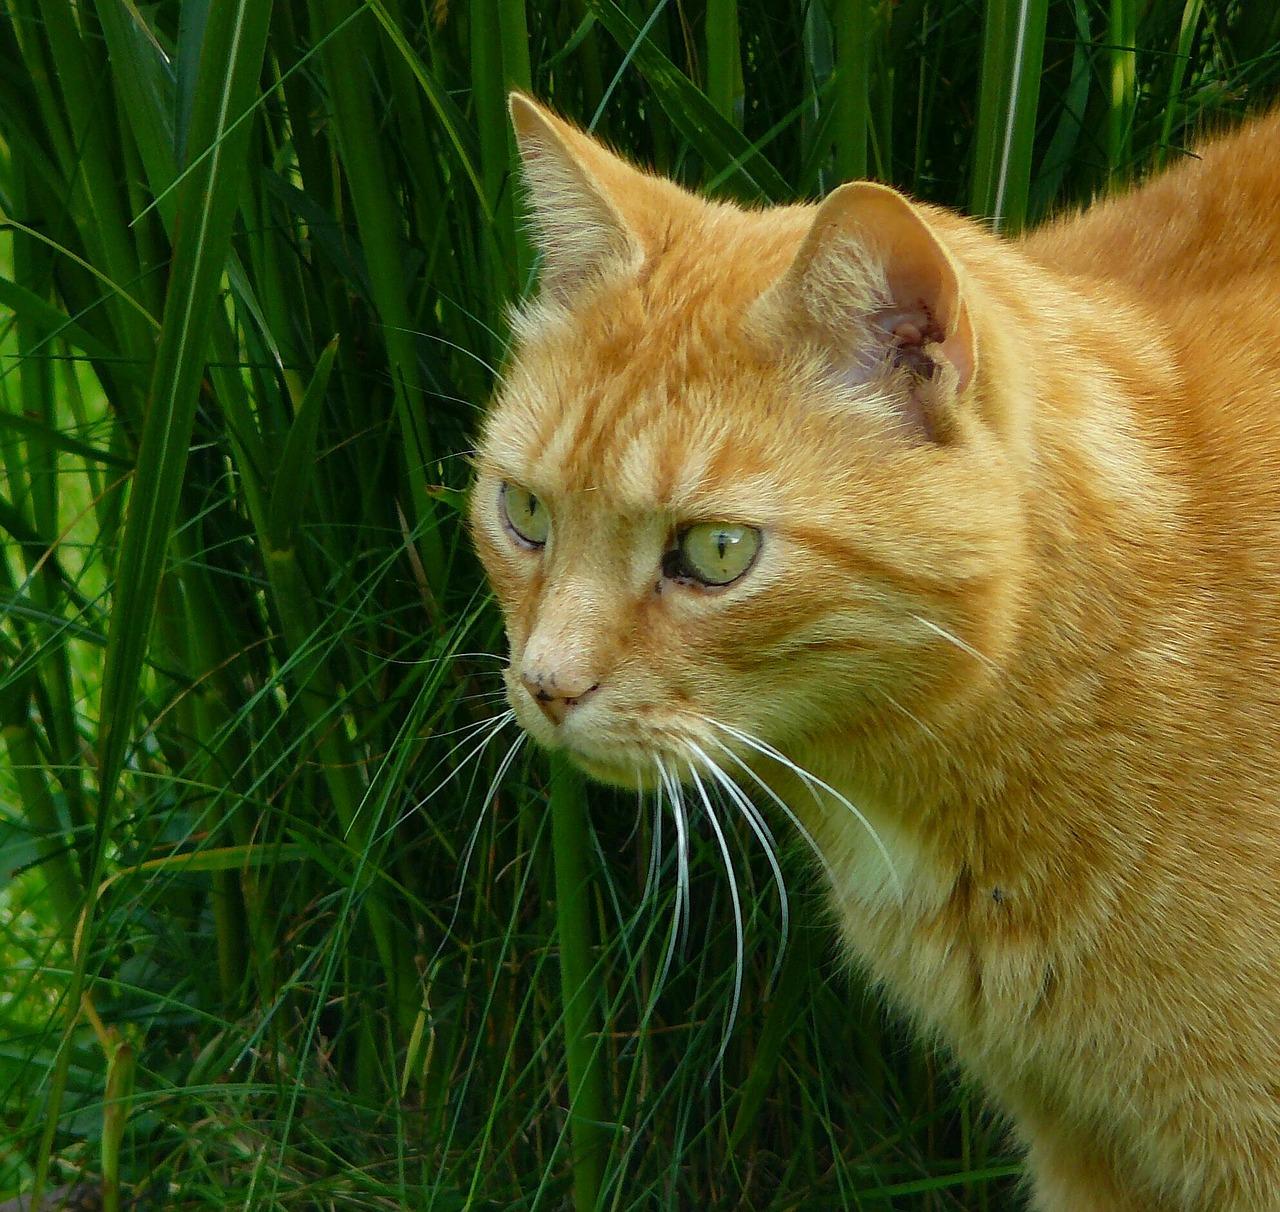 Mačka mainská mývalia európska krátkosrstá abesínska mačka 028c825c781